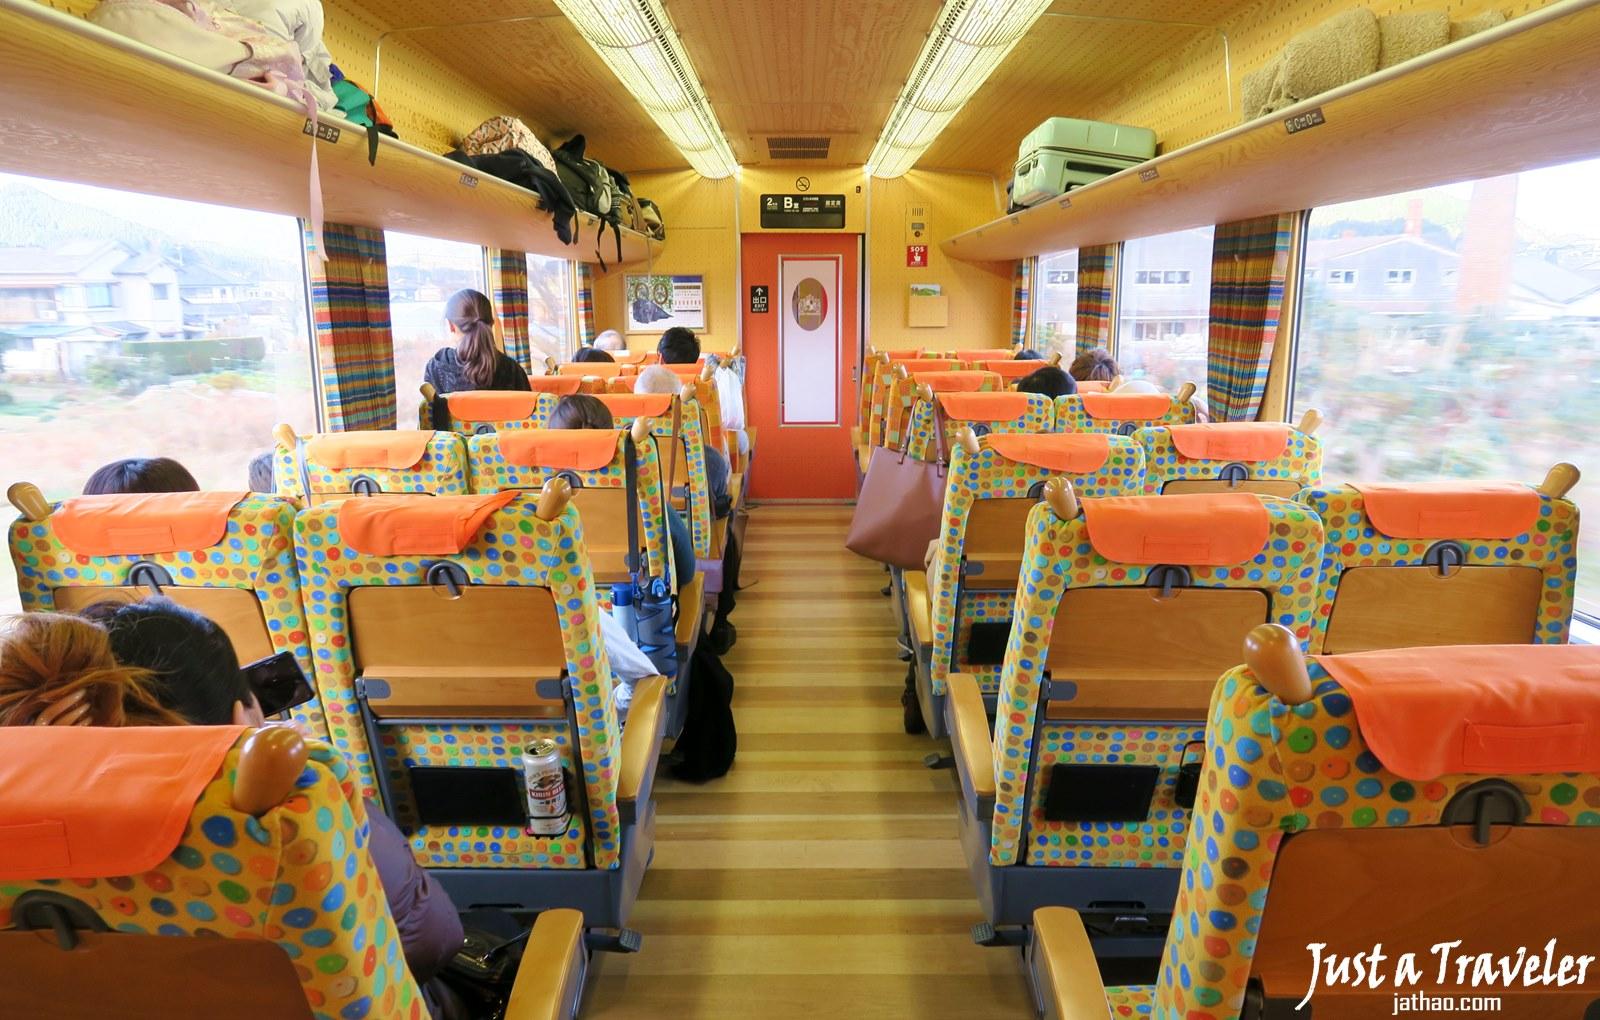 九州-長崎-景點-推薦-豪斯登堡-交通-JR-火車-行程-旅遊-自由行-Kyushu-Huis Ten Bosch-Travel-Japan